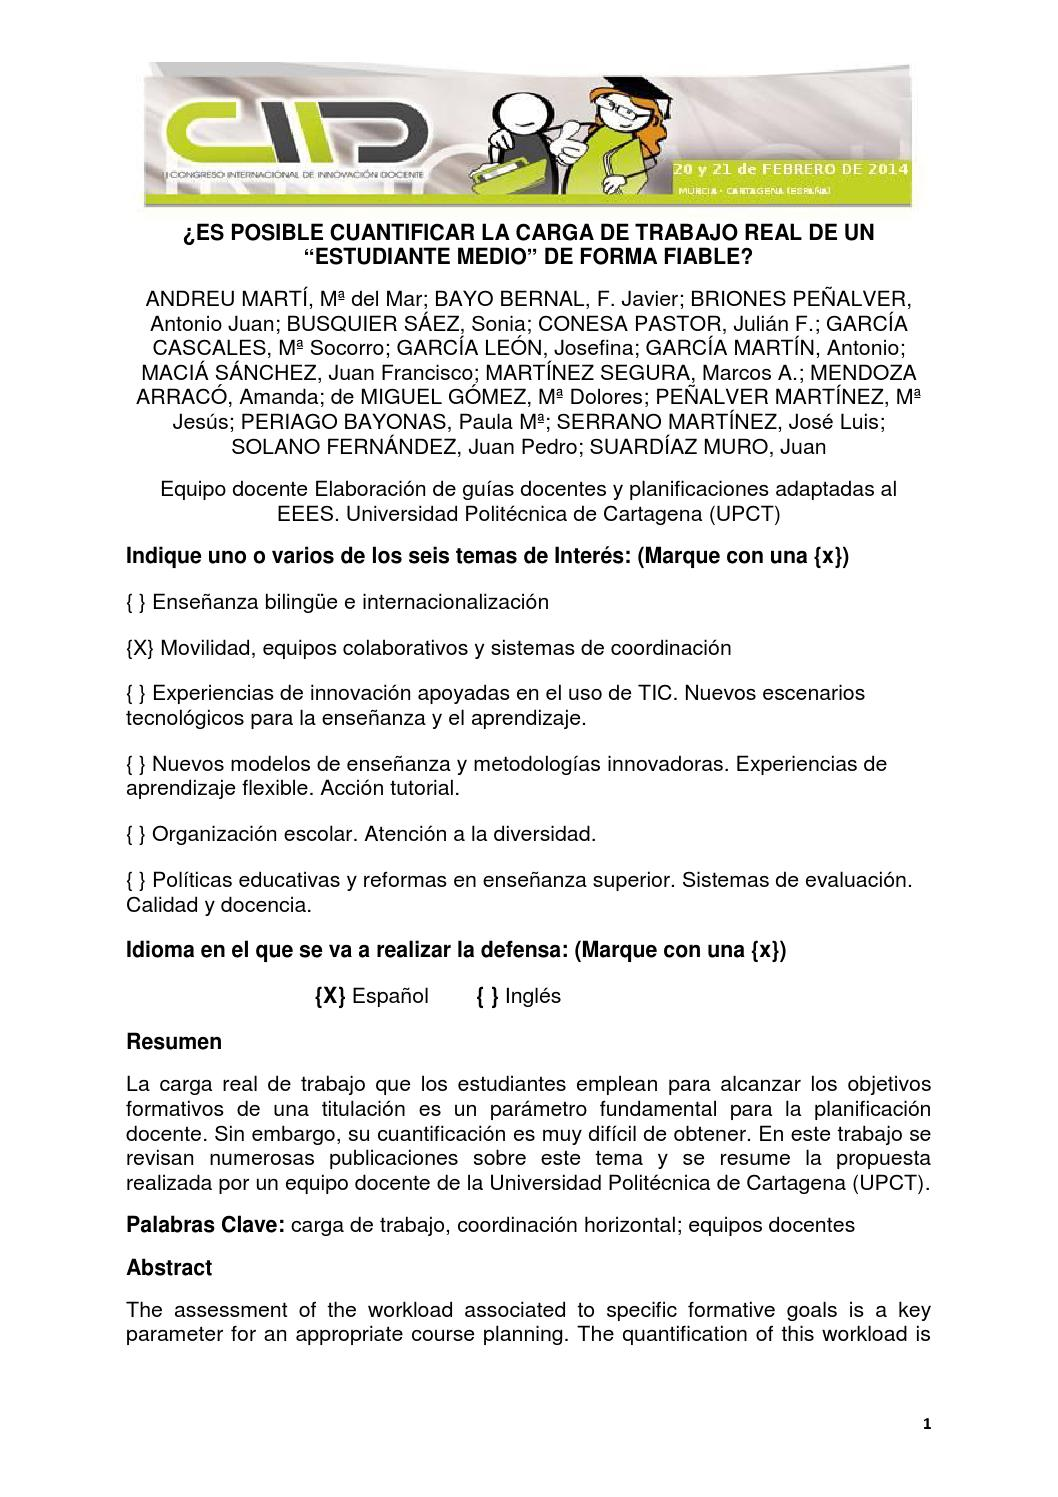 Libro de actas 2014 2 by UnidadInnovación UM - issuu